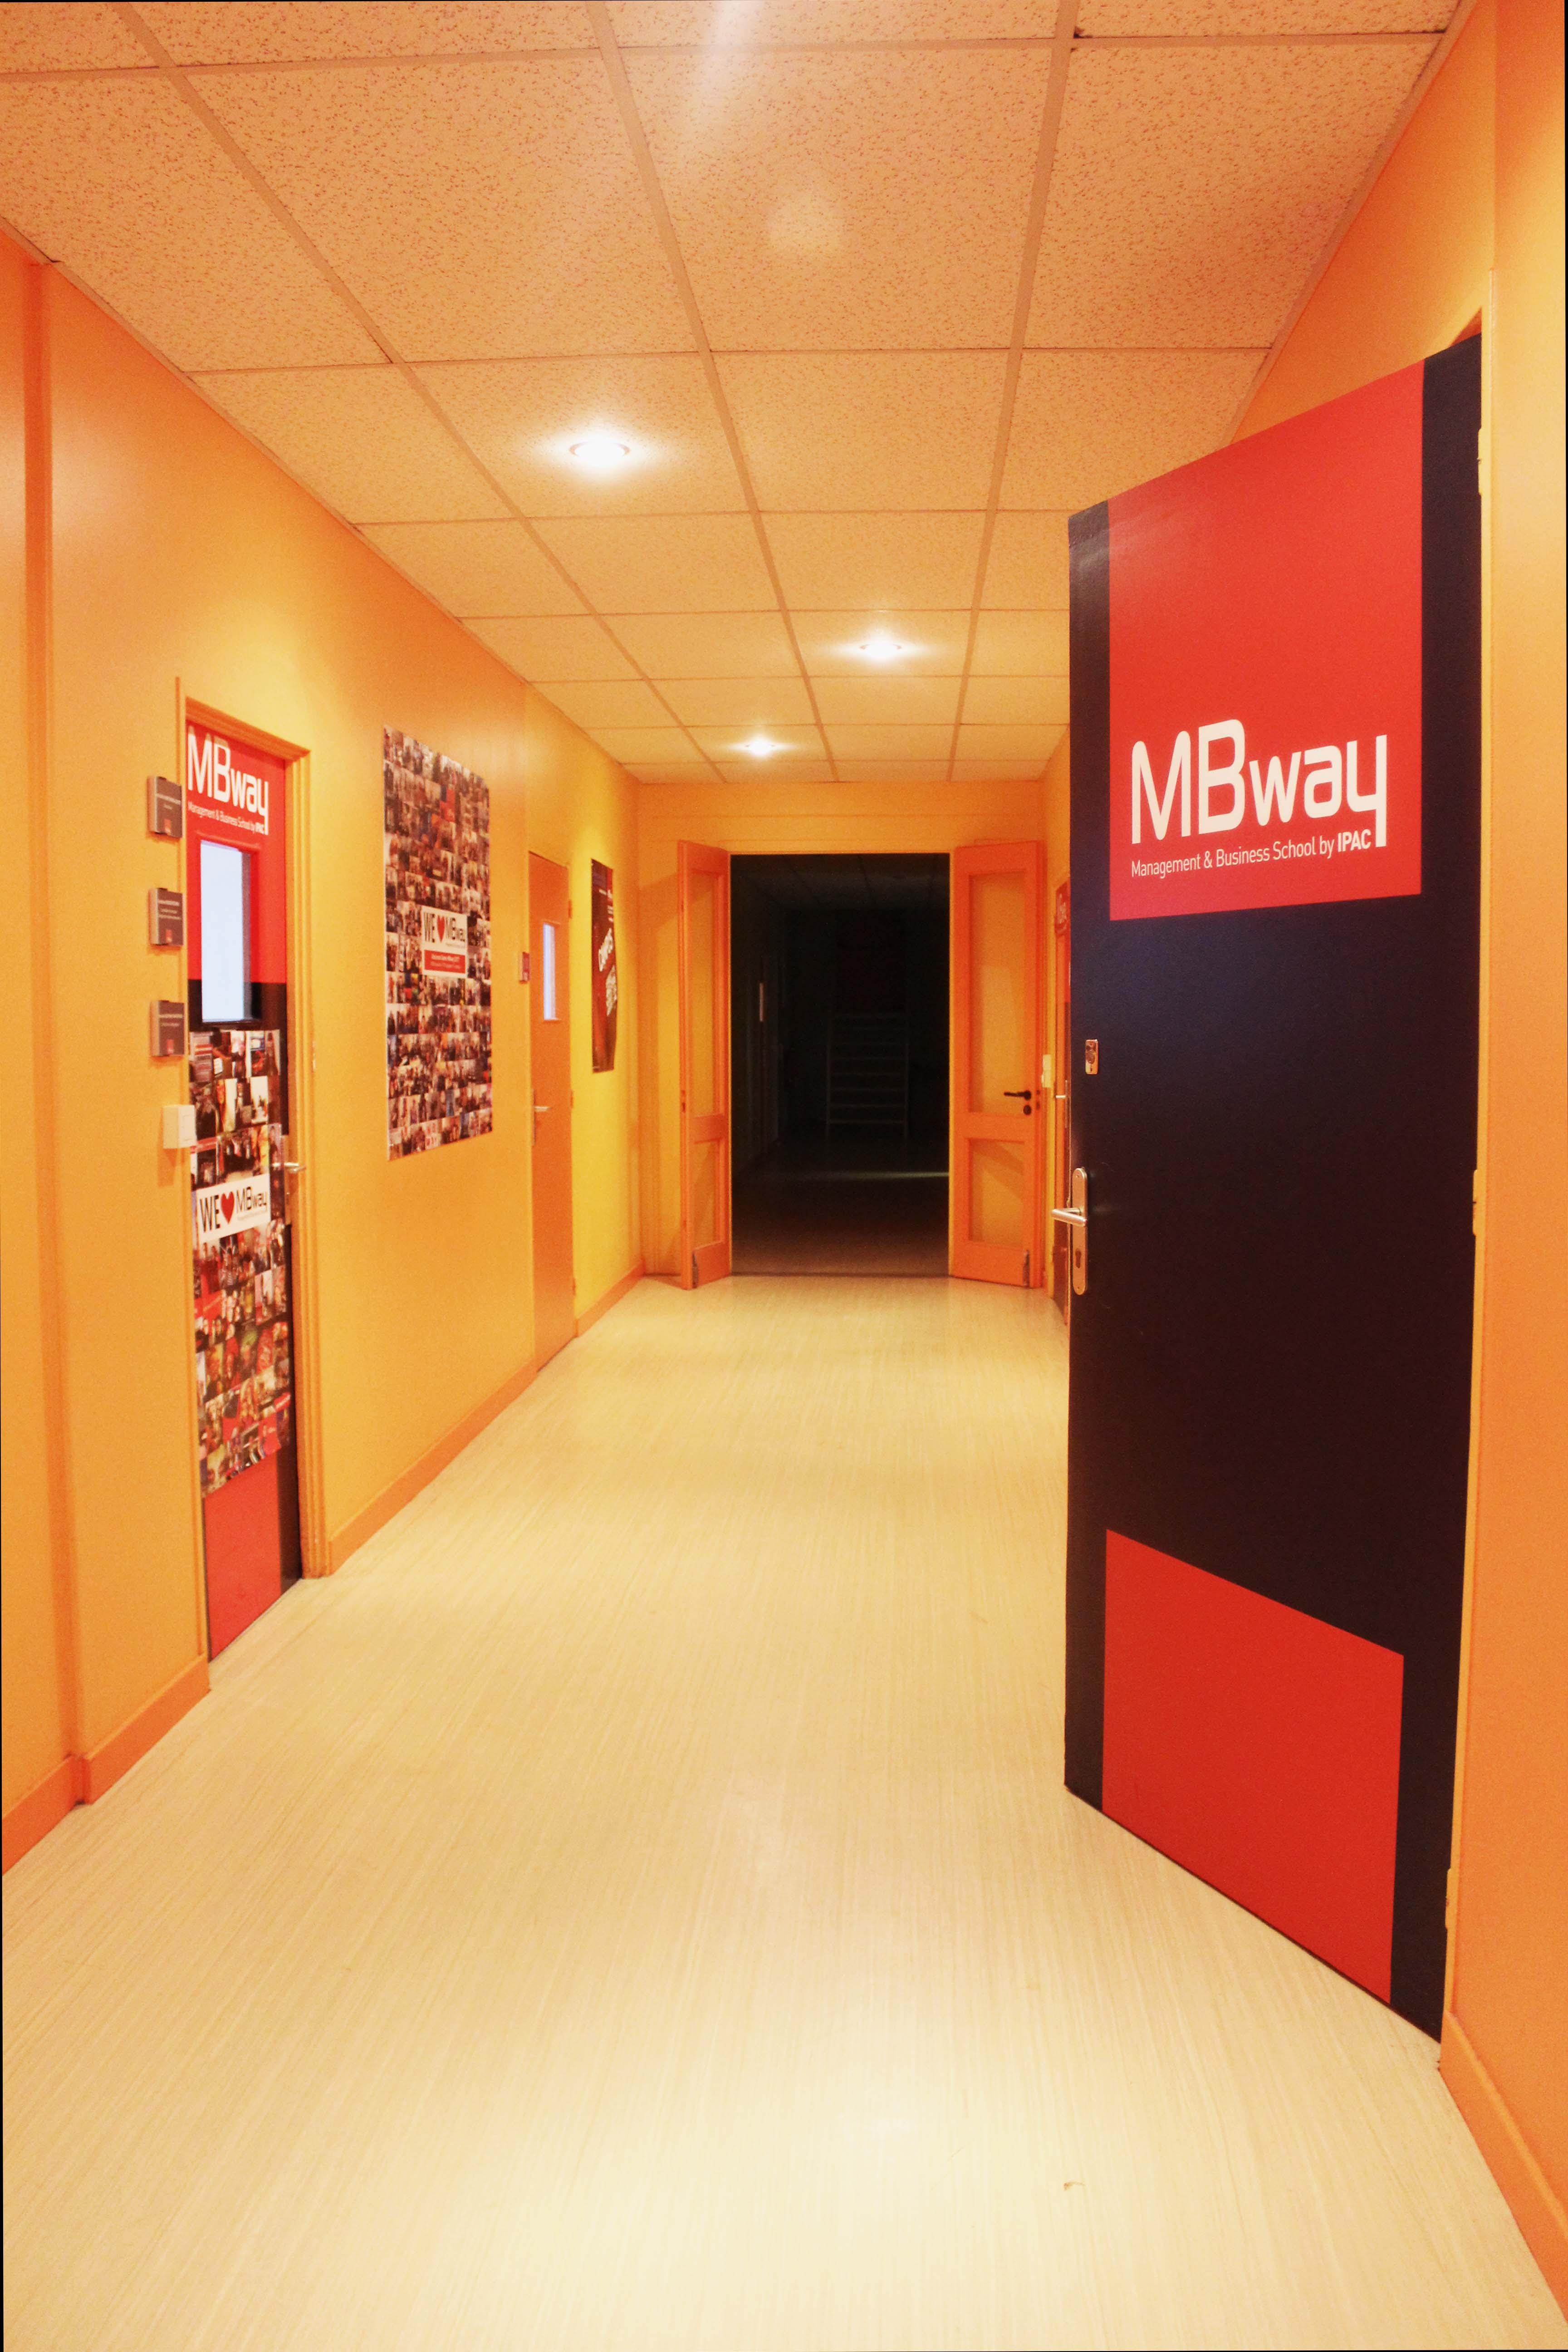 Ecole De Design Annecy mba et bachelors à annecy- ecole de commerce mbway